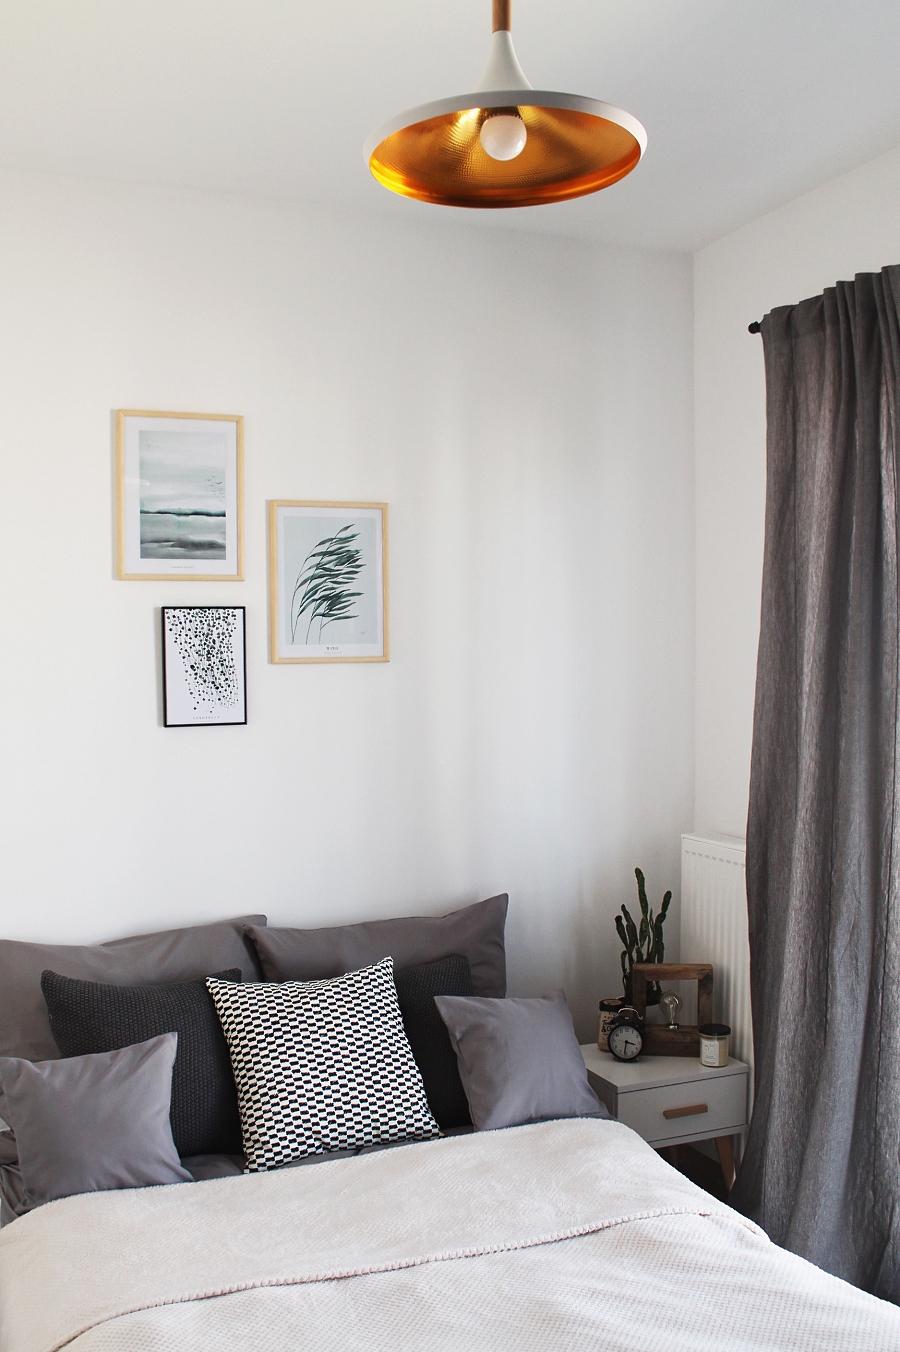 sypialnia - łóżko, szare zasłony, obrazy Margo Hupert